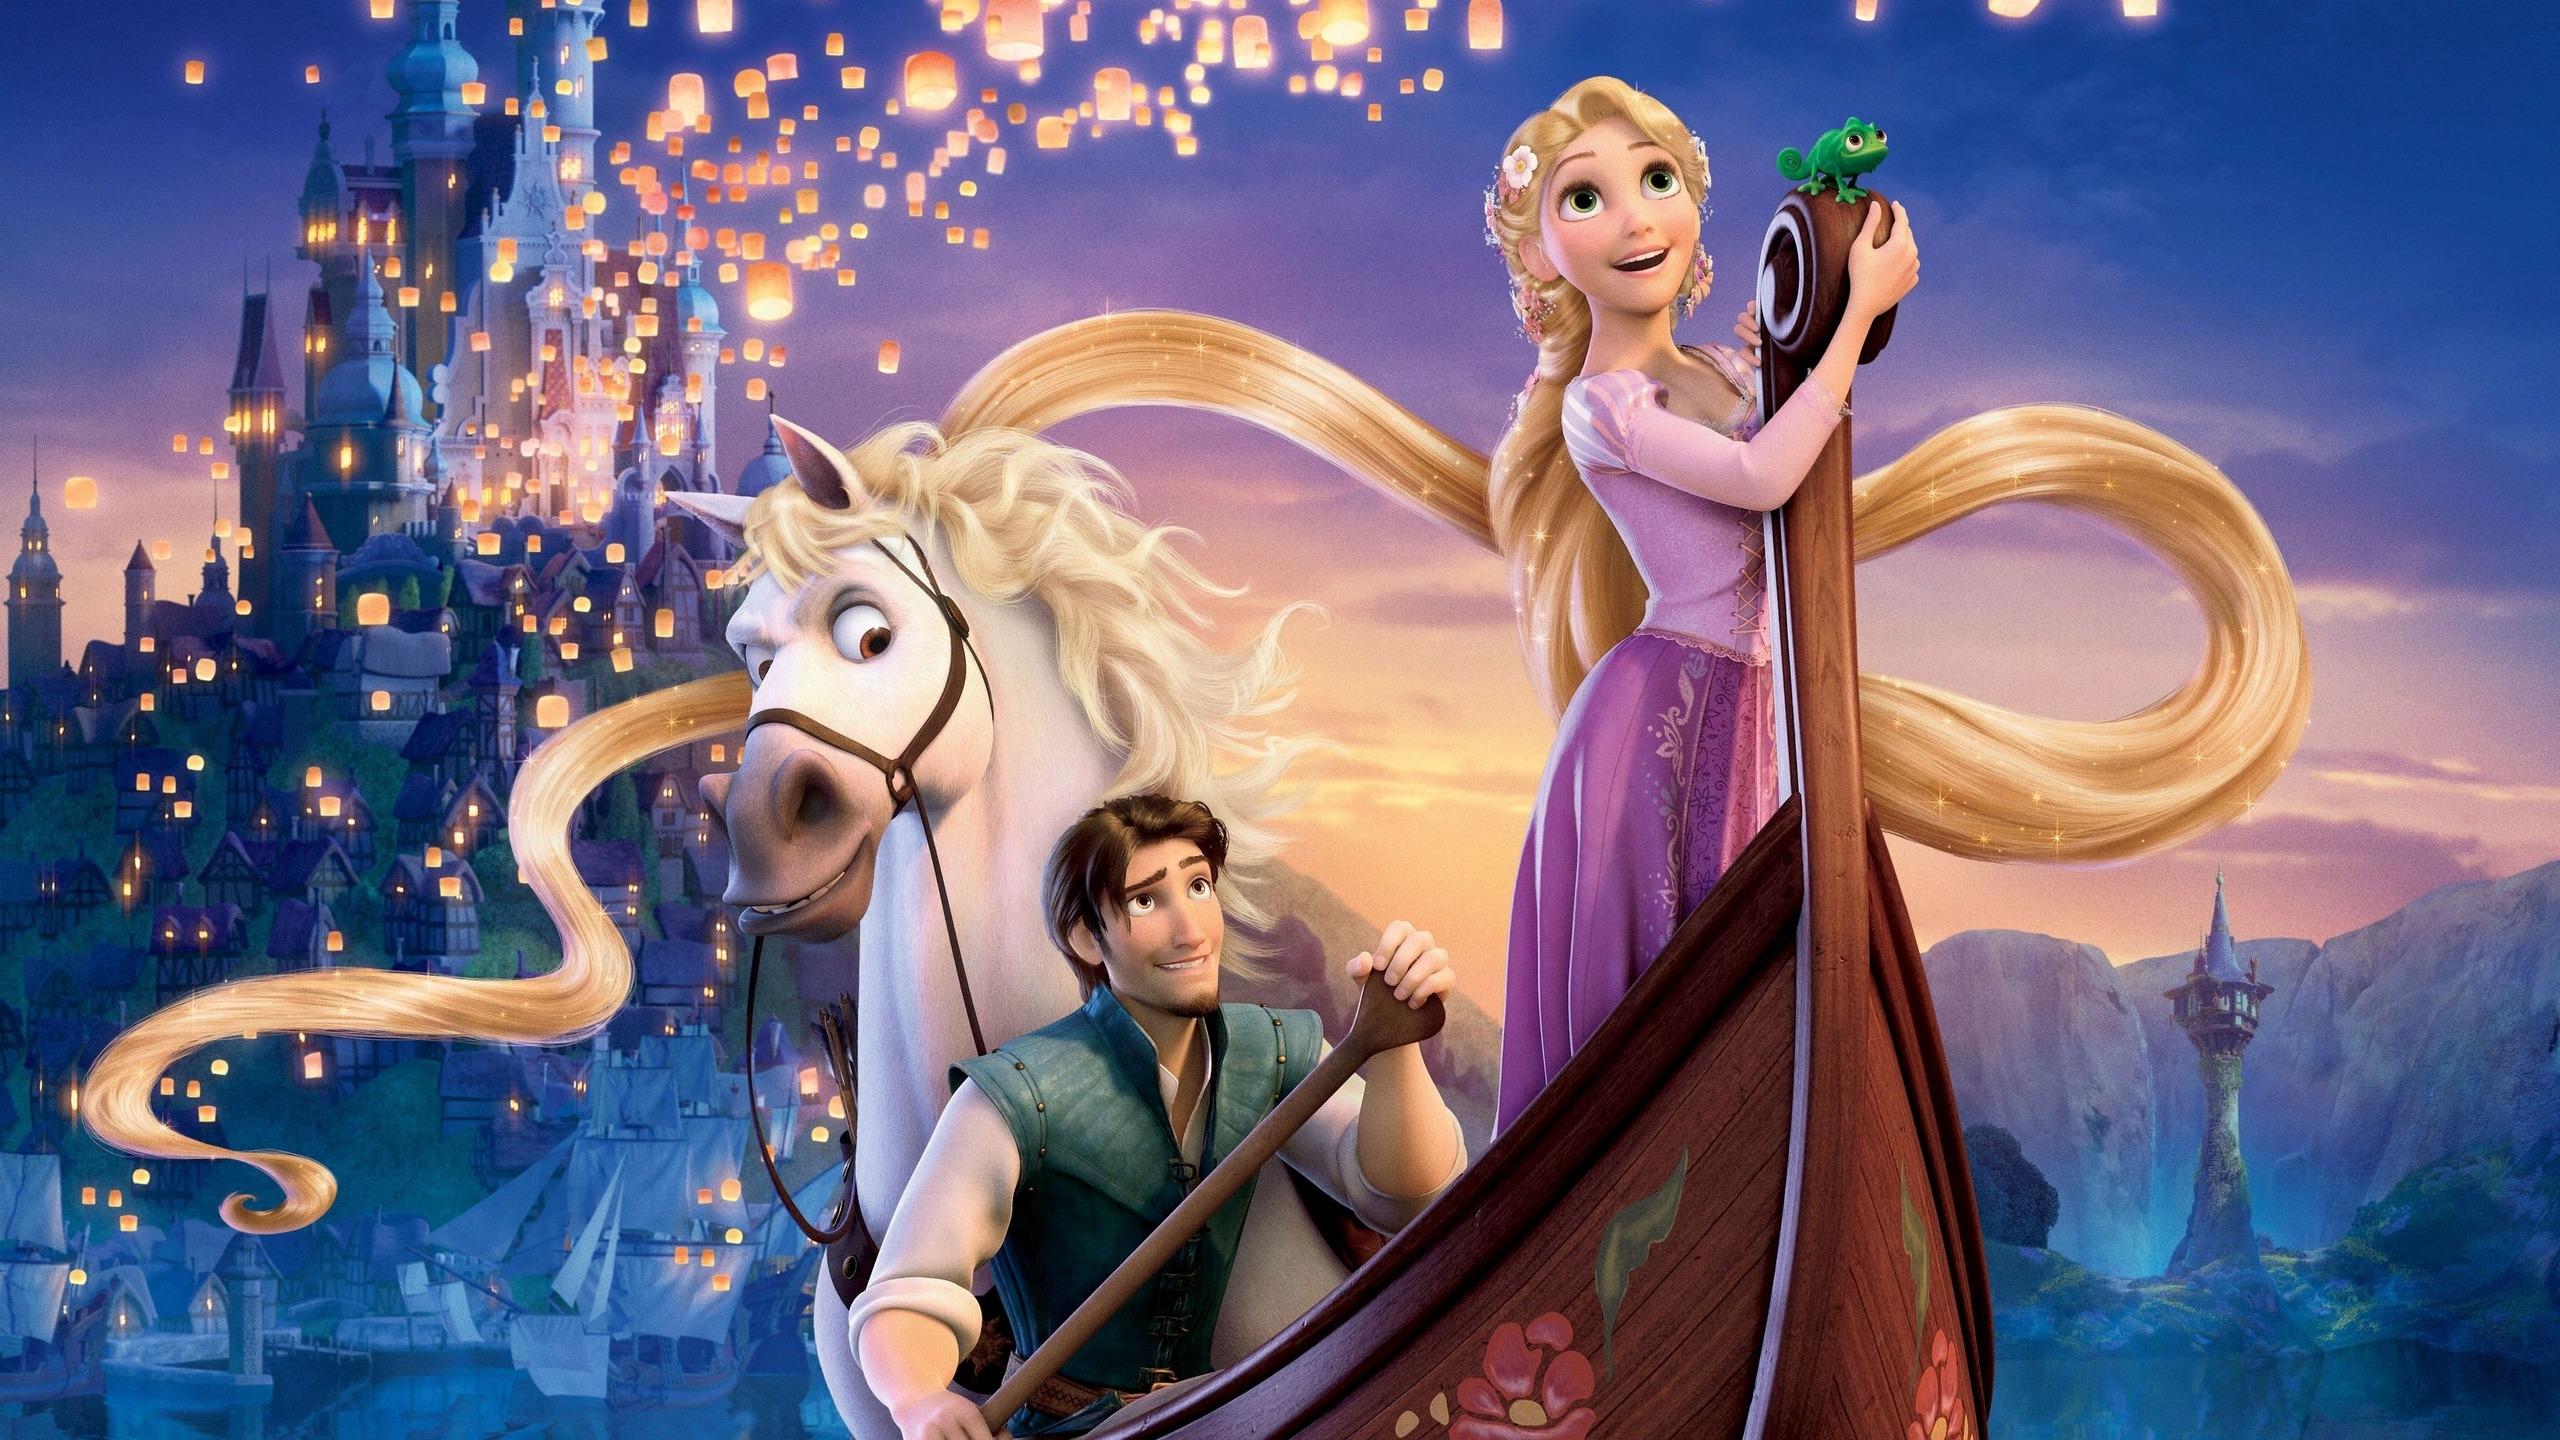 Disney Princess Wallpaper Desktop 25601440 25594 HD Wallpaper Res 2560x1440